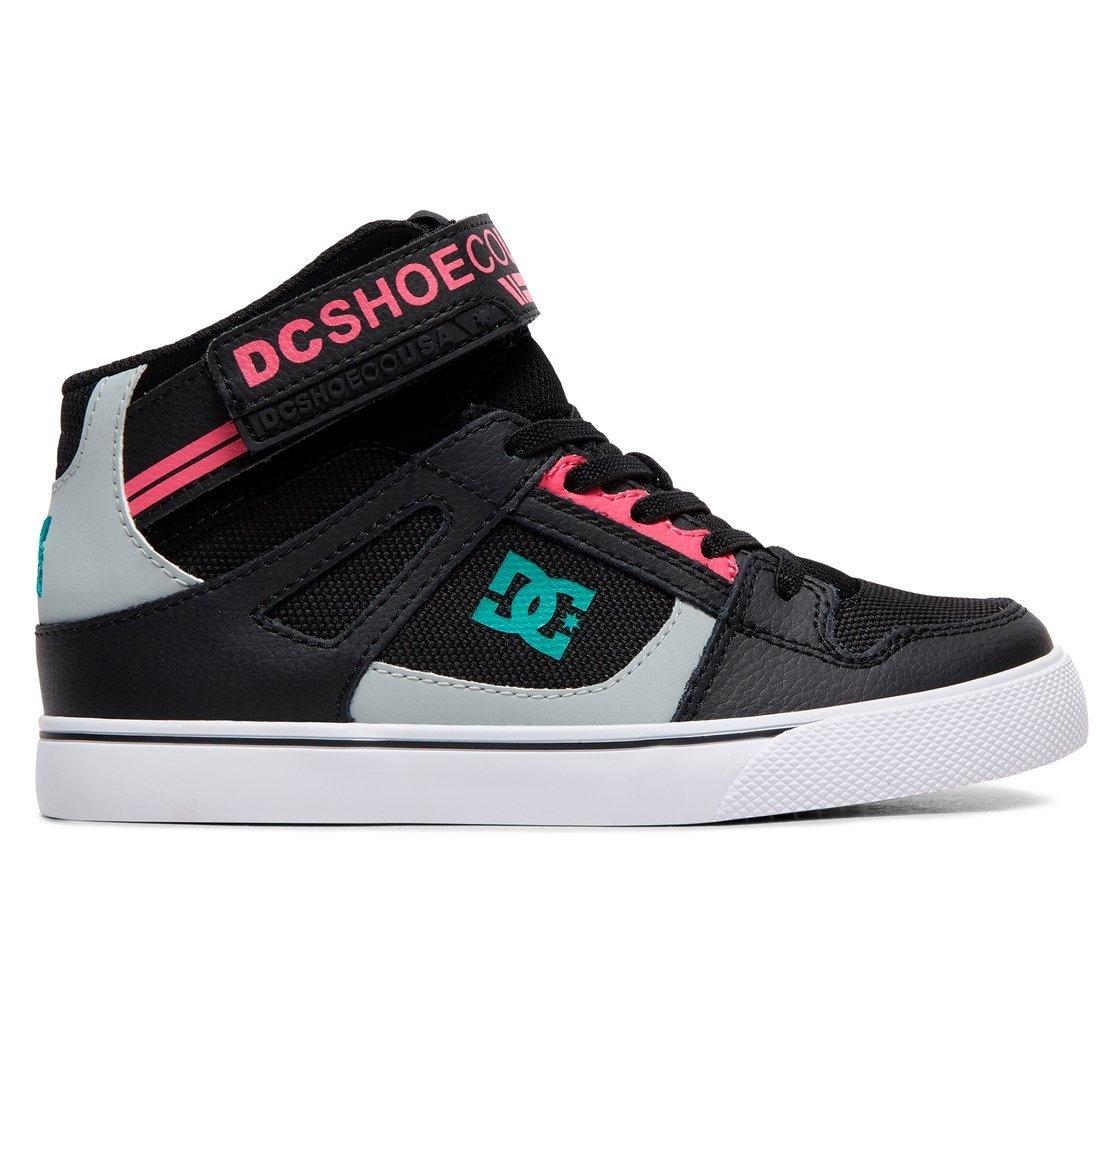 Dc Shoes Hoge Schoenen »Pure EV« goedkoop op otto.nl kopen